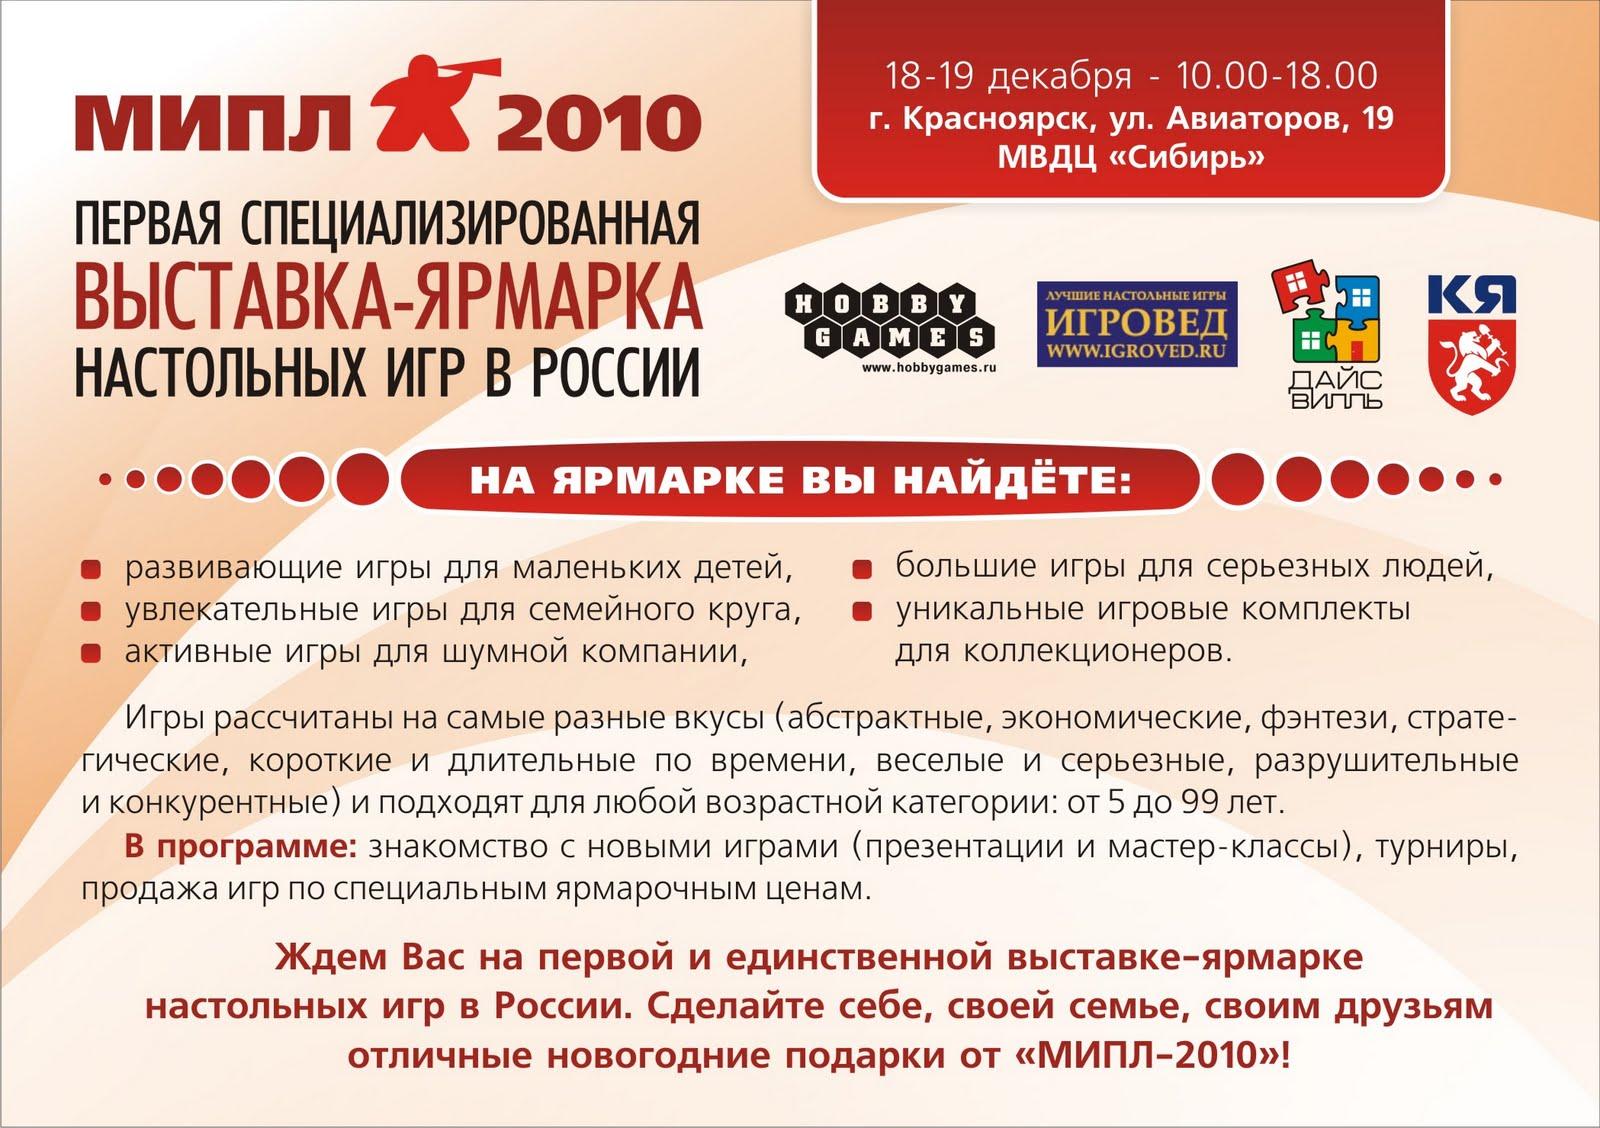 Приглашение на выставку «МИПЛ-2010»